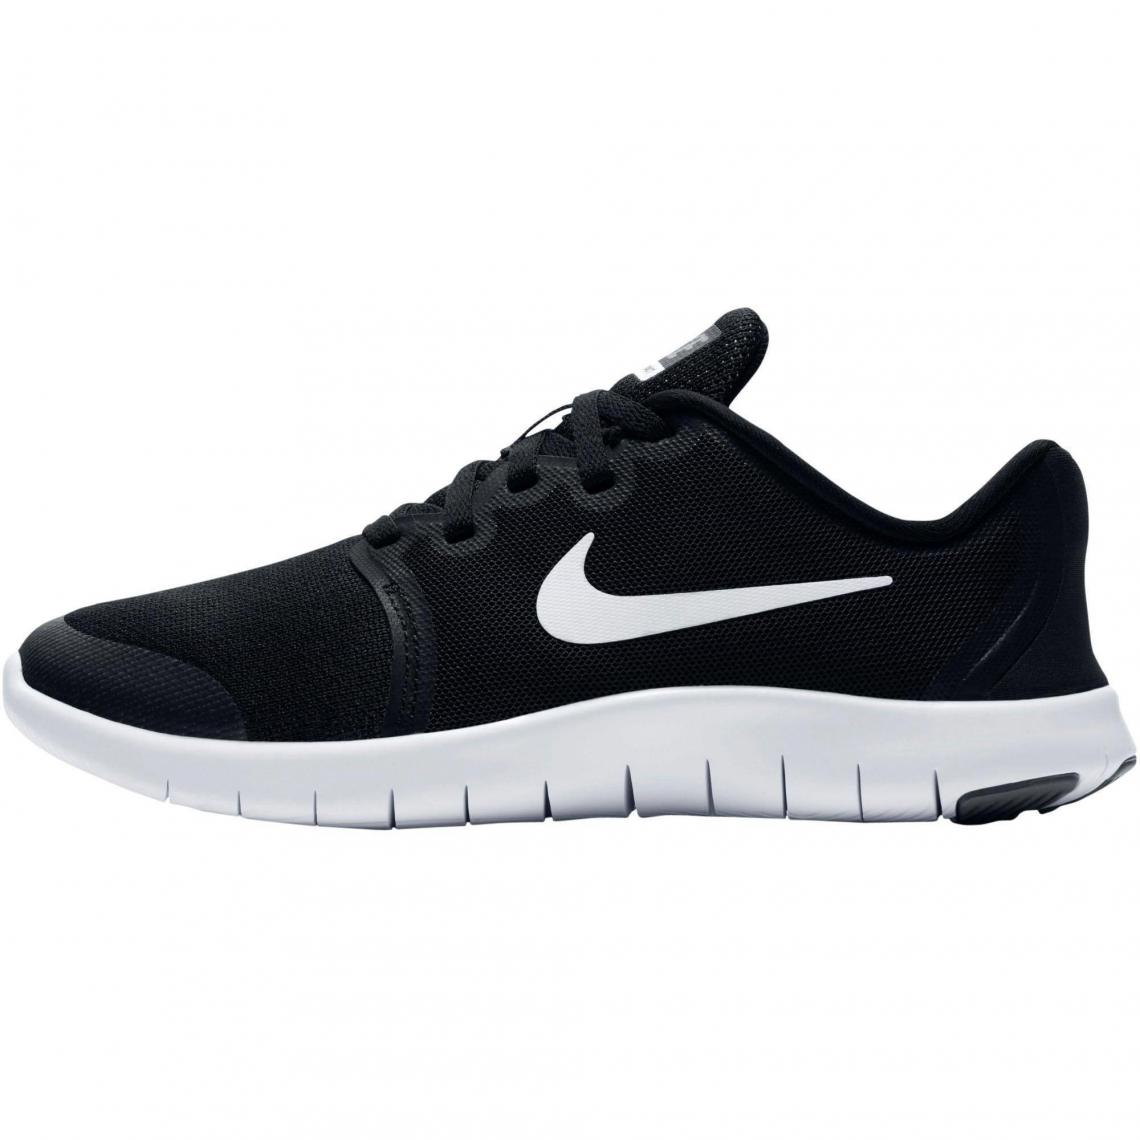 Fille Noir Blanc Flex Nike 2 Baskettes Contact 3suisses OnwqUdqAx